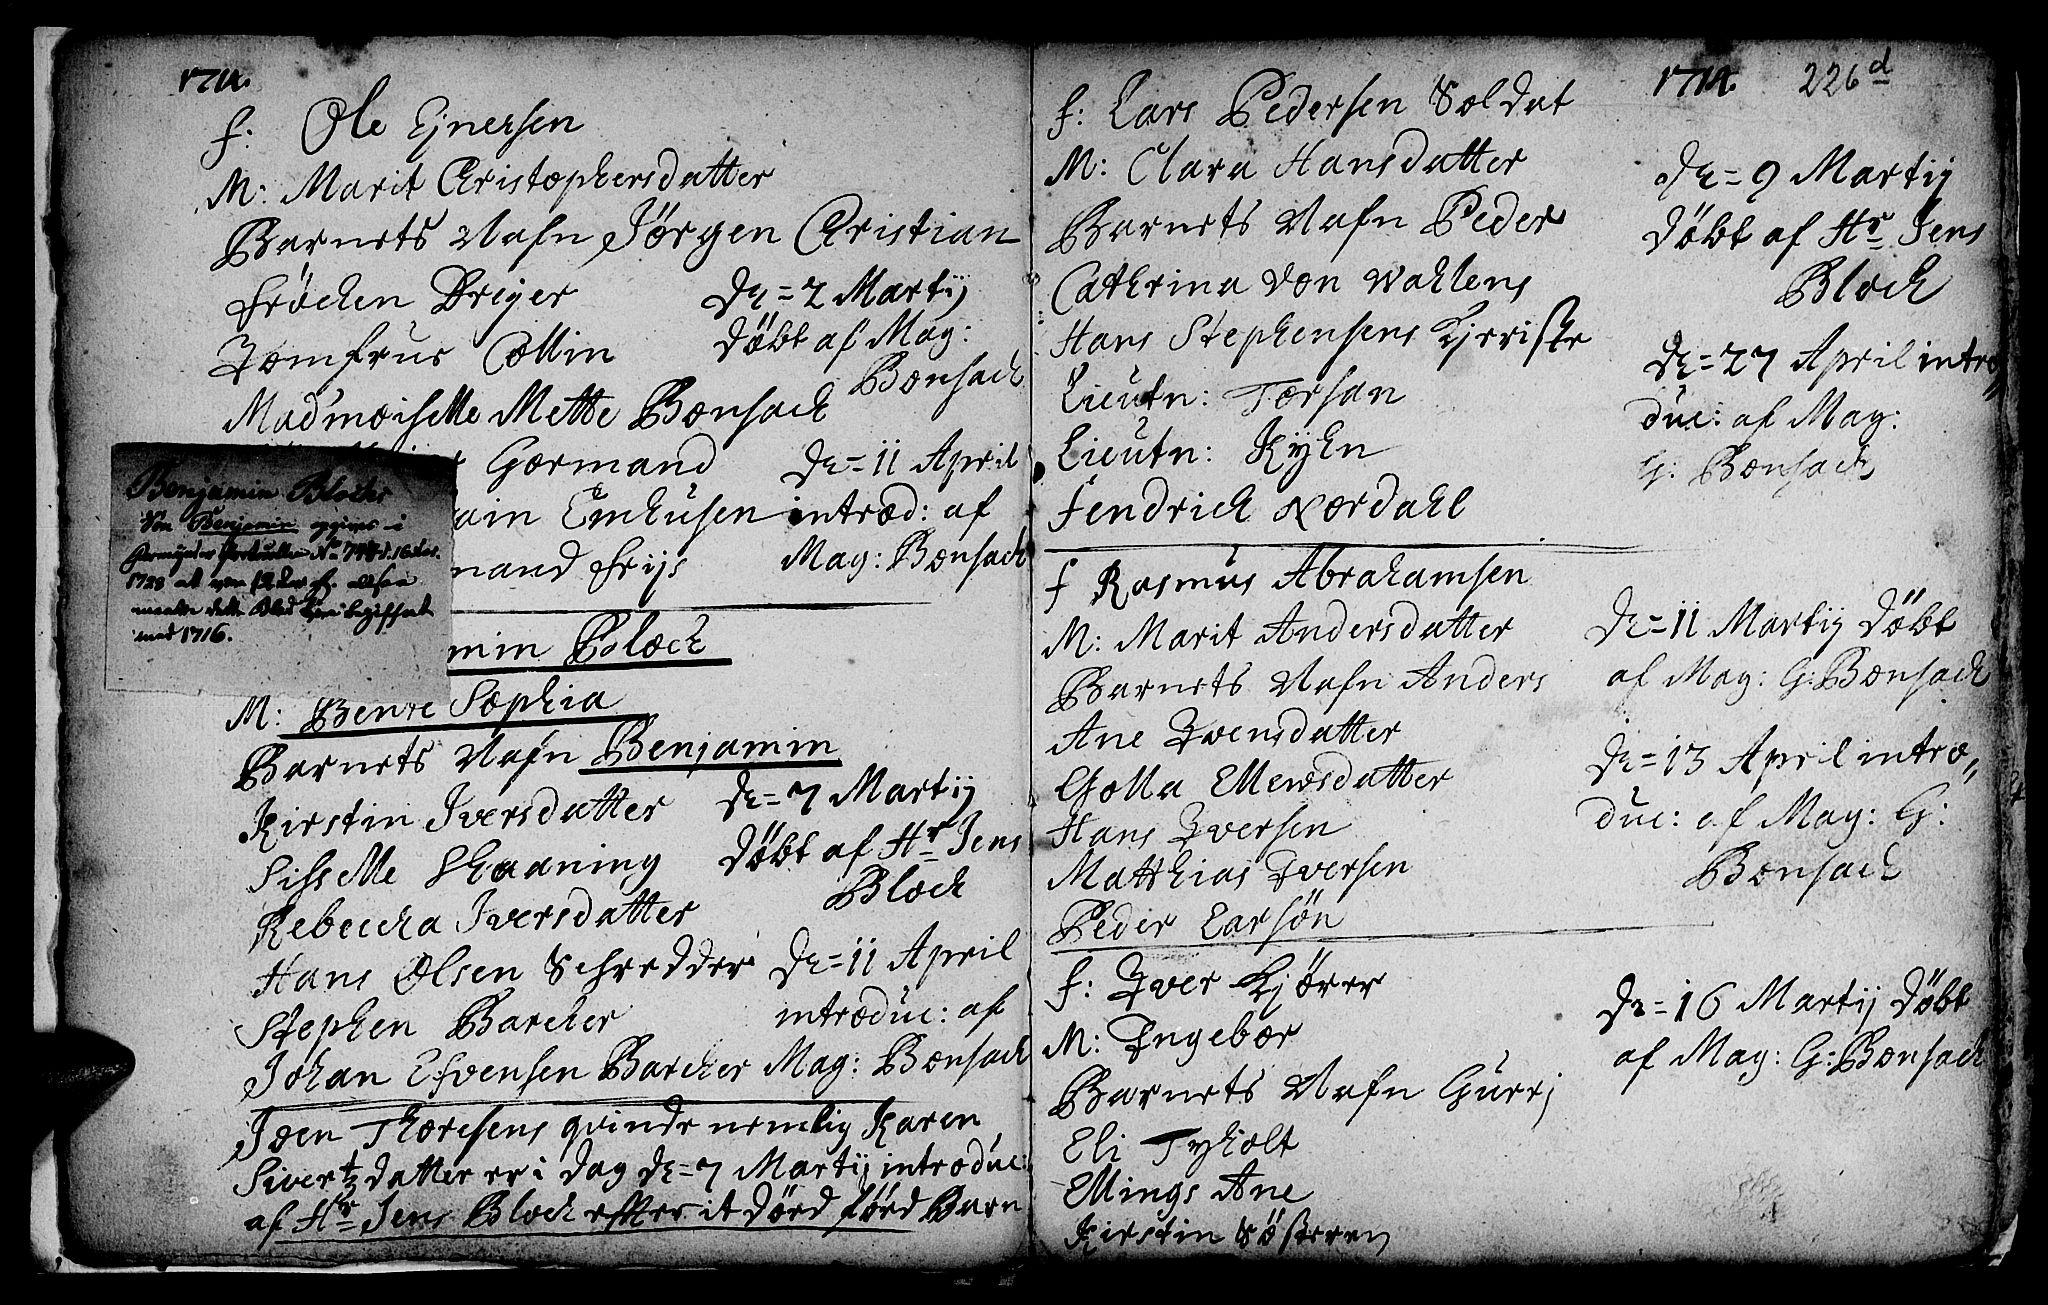 SAT, Ministerialprotokoller, klokkerbøker og fødselsregistre - Sør-Trøndelag, 601/L0035: Ministerialbok nr. 601A03, 1713-1728, s. 226f